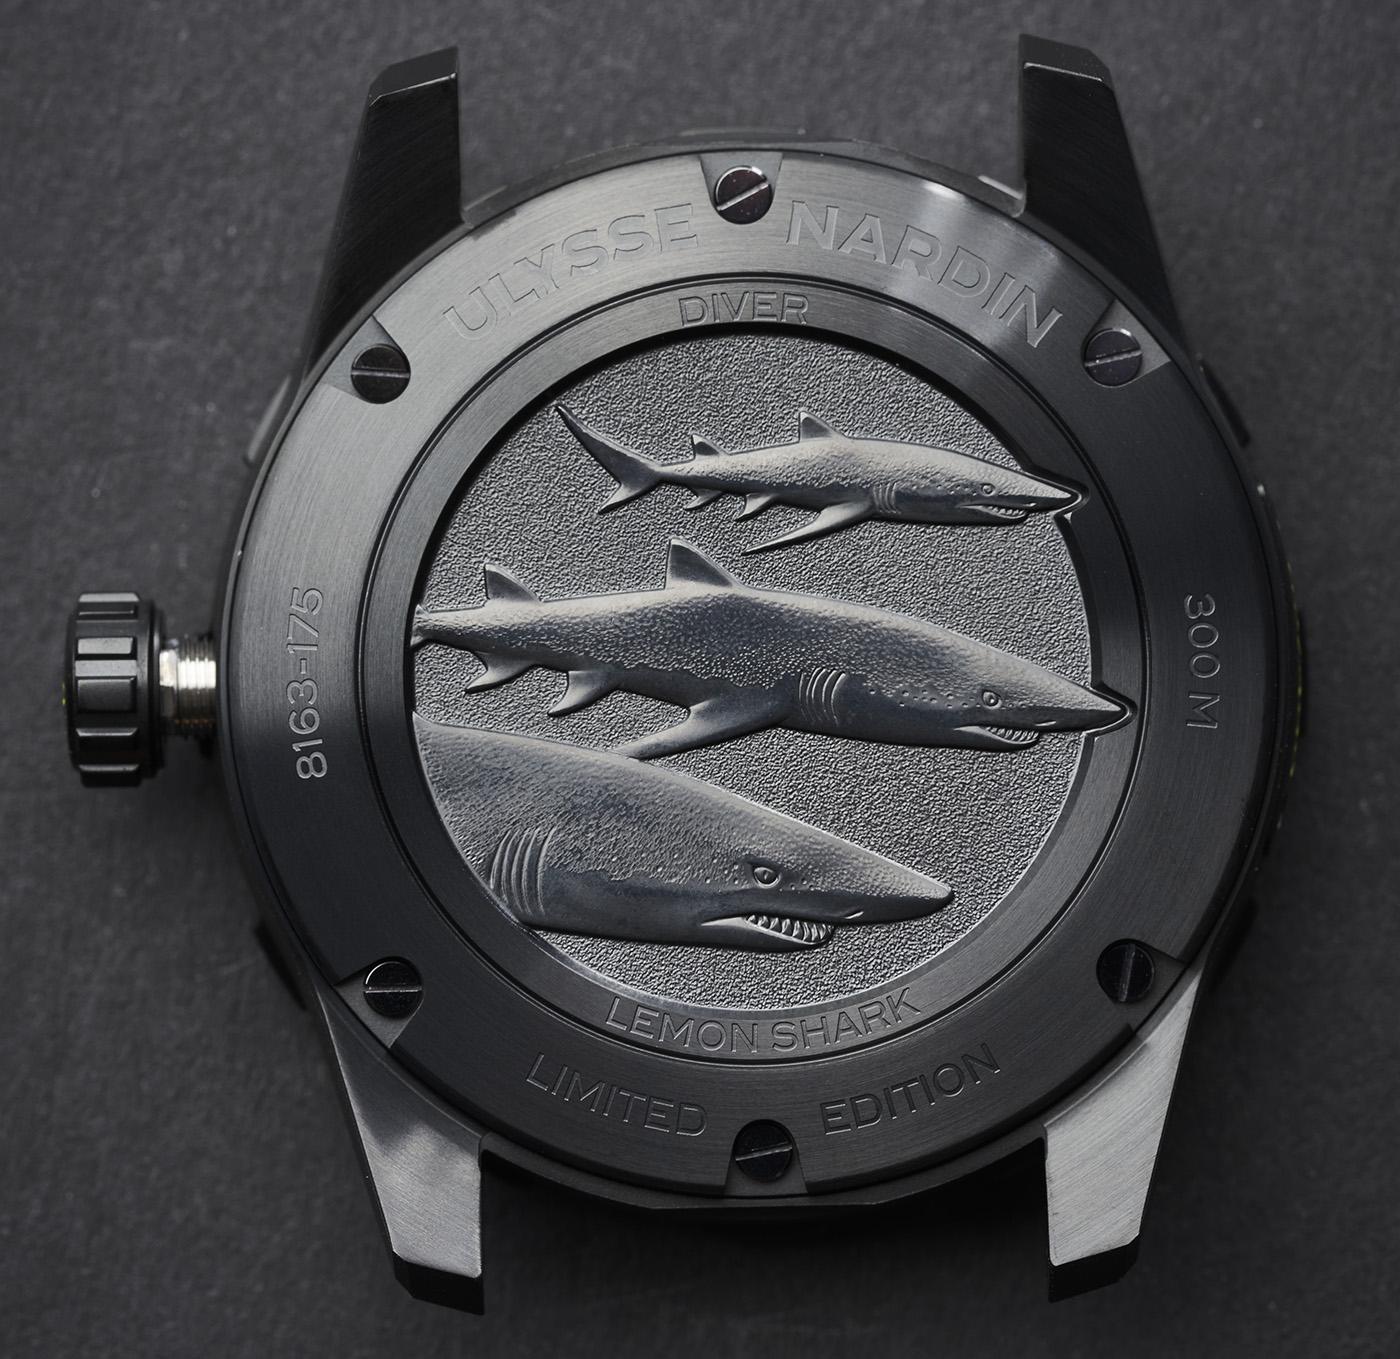 Ulysse Nardin выпускает лимитированную серию часов Diver Lemon Shark Watch